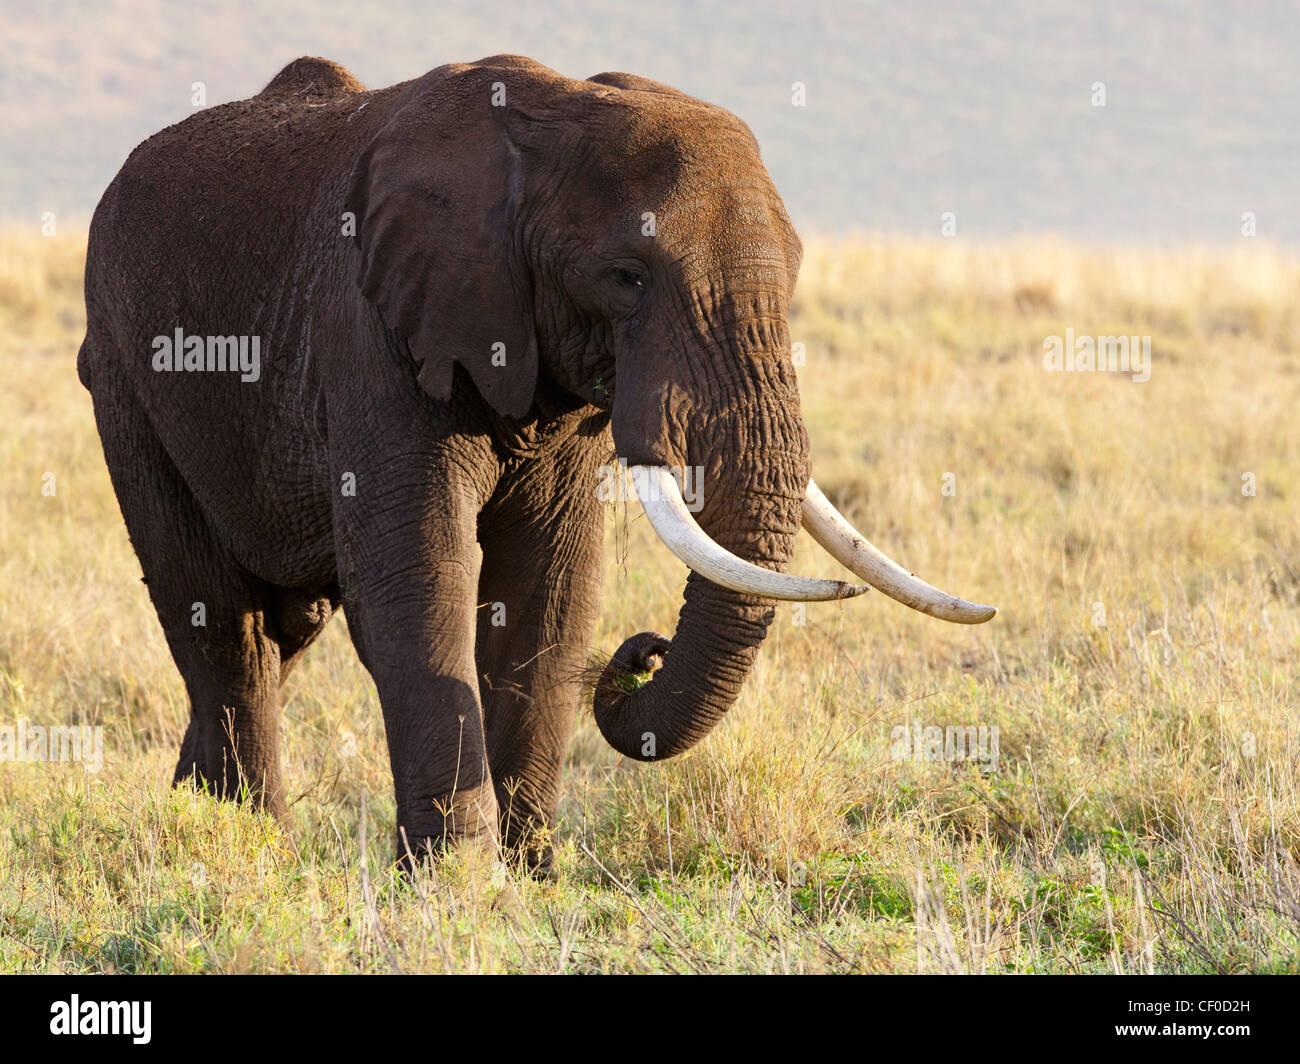 Male elephant, Ngorongoro Crater, Tanzania - Stock Image